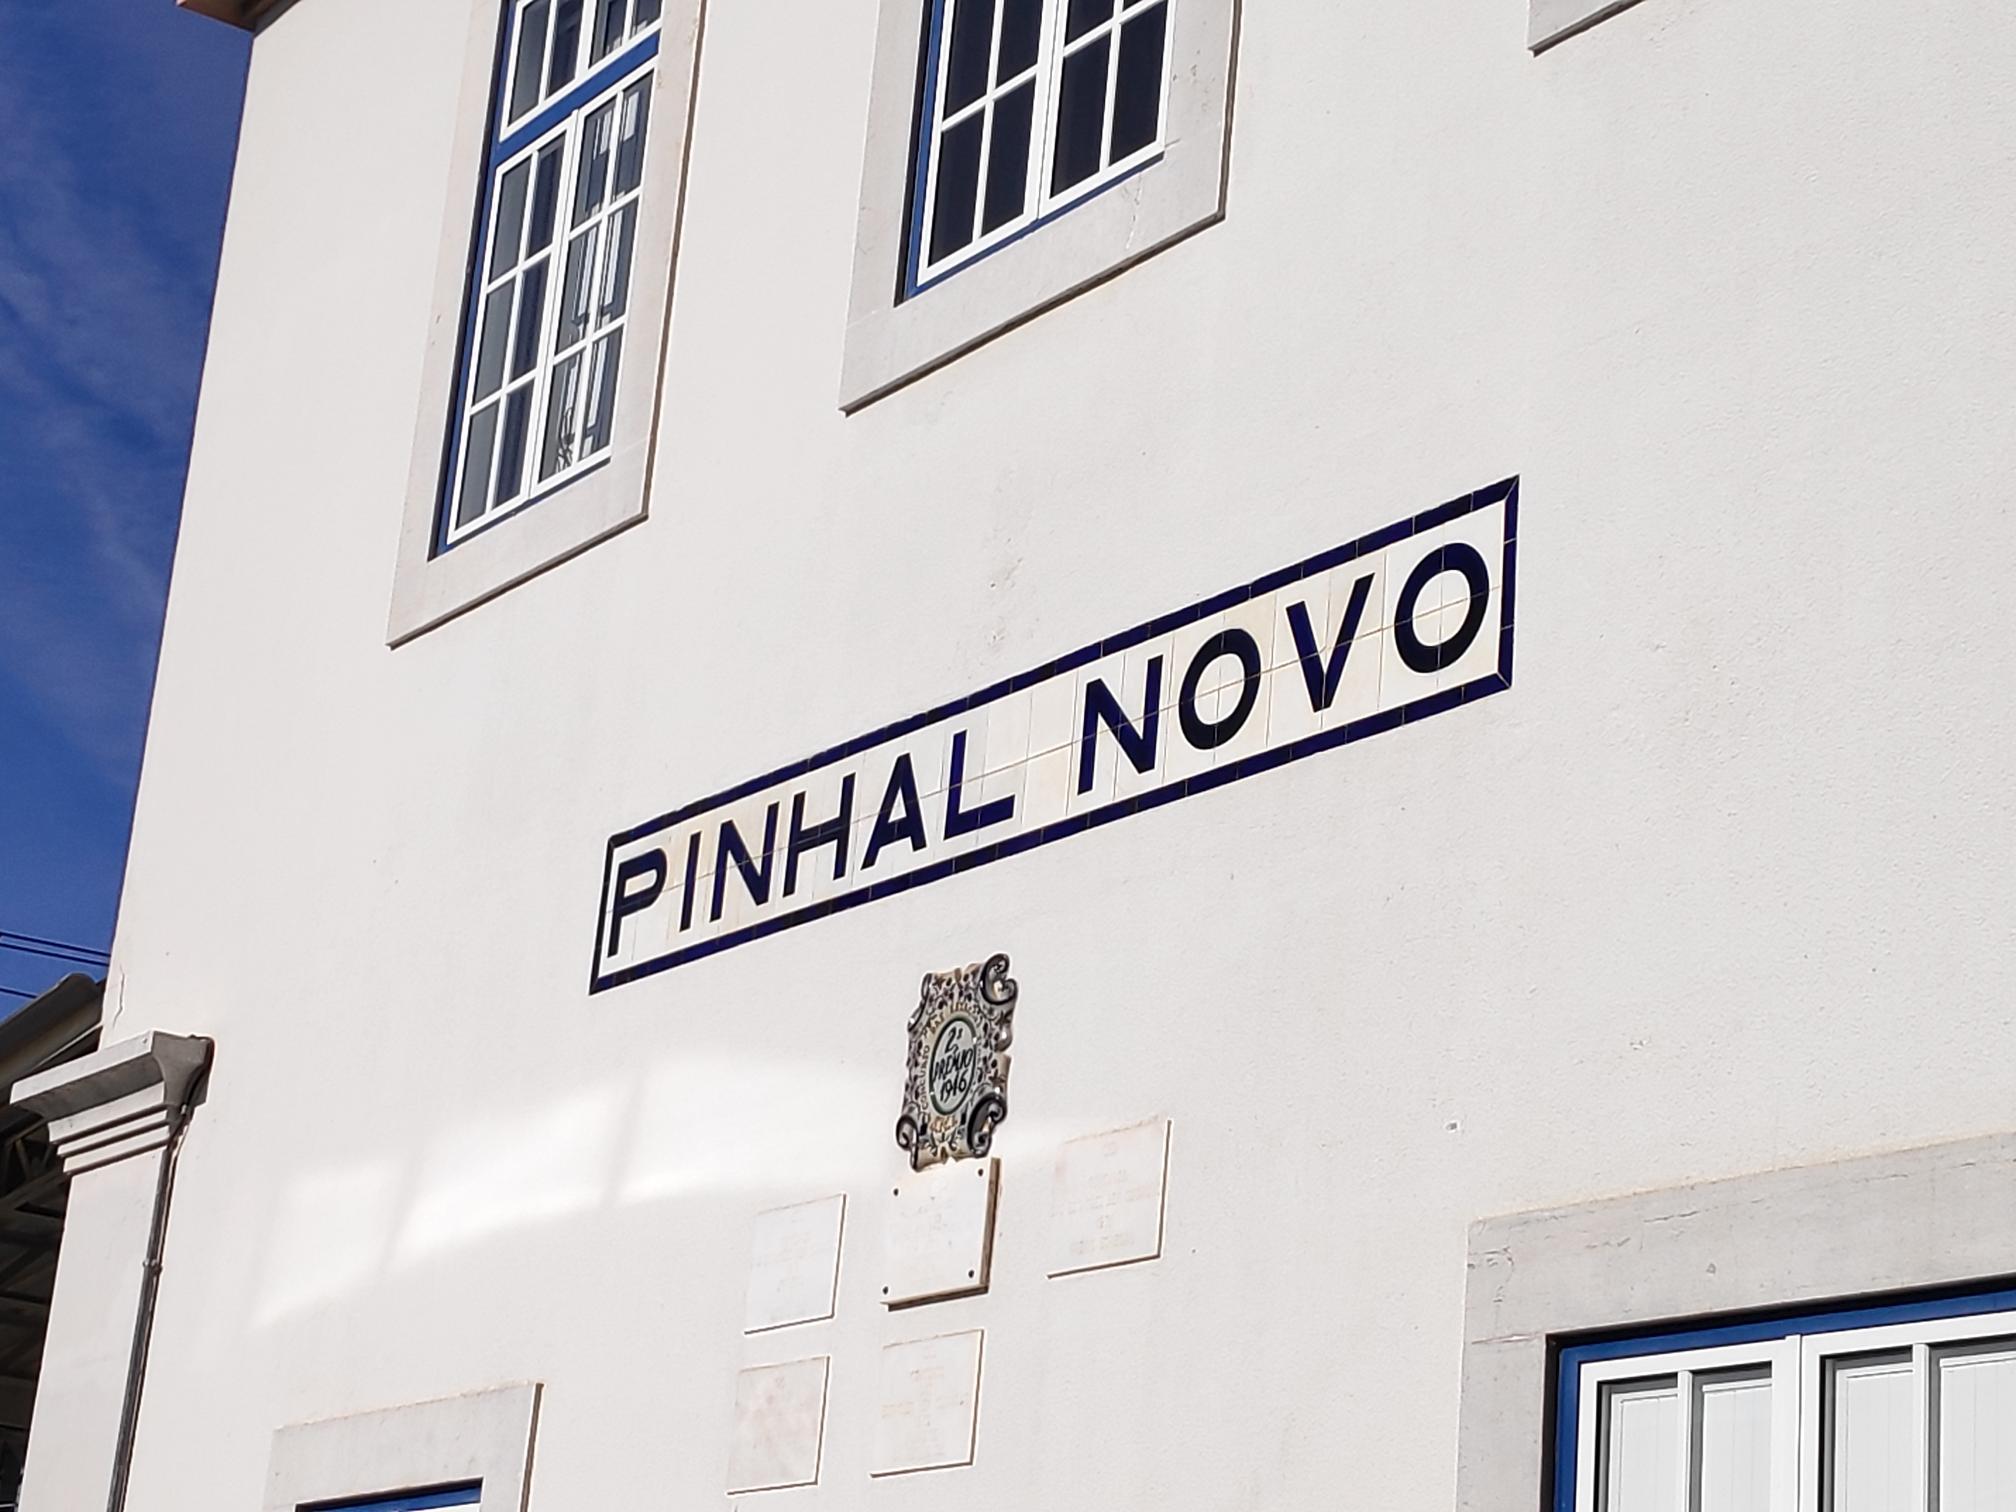 Visita sindical ao Pinhal Novo, catenária e via, dia 31 de Julho de 2019